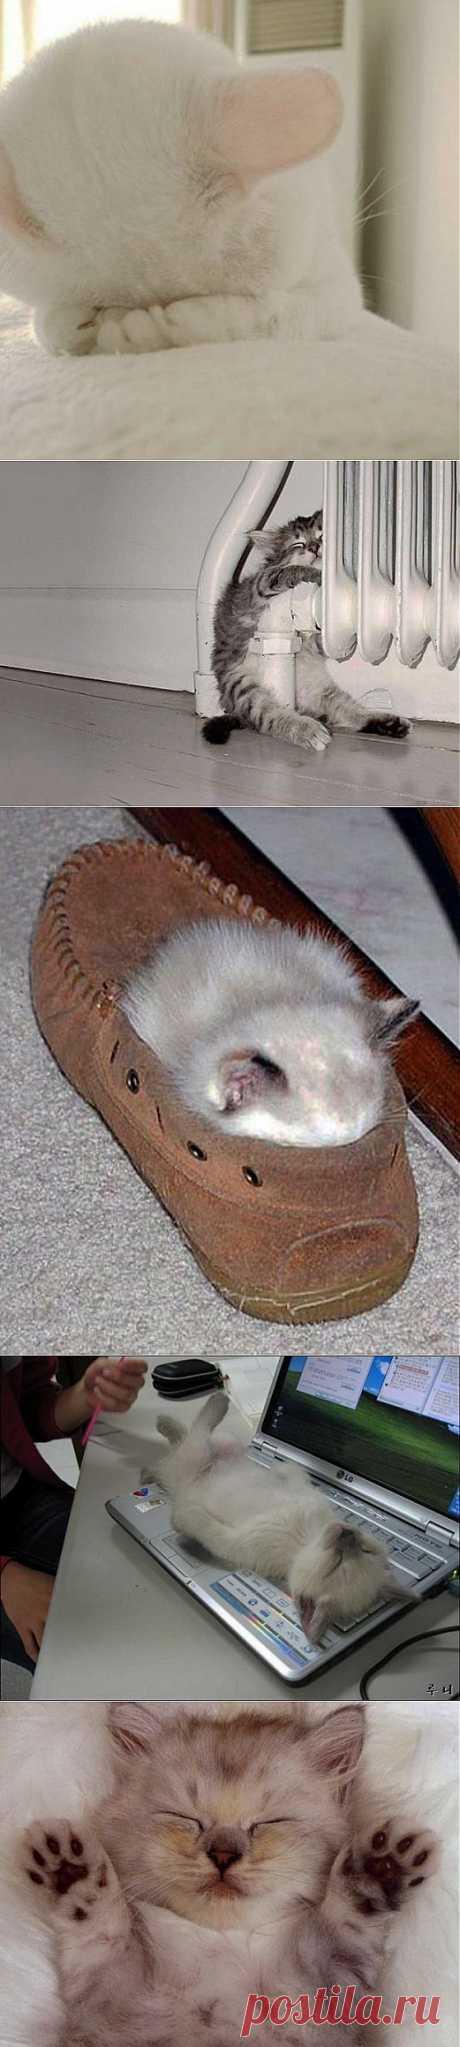 Смешные картинки животных — (Котята)